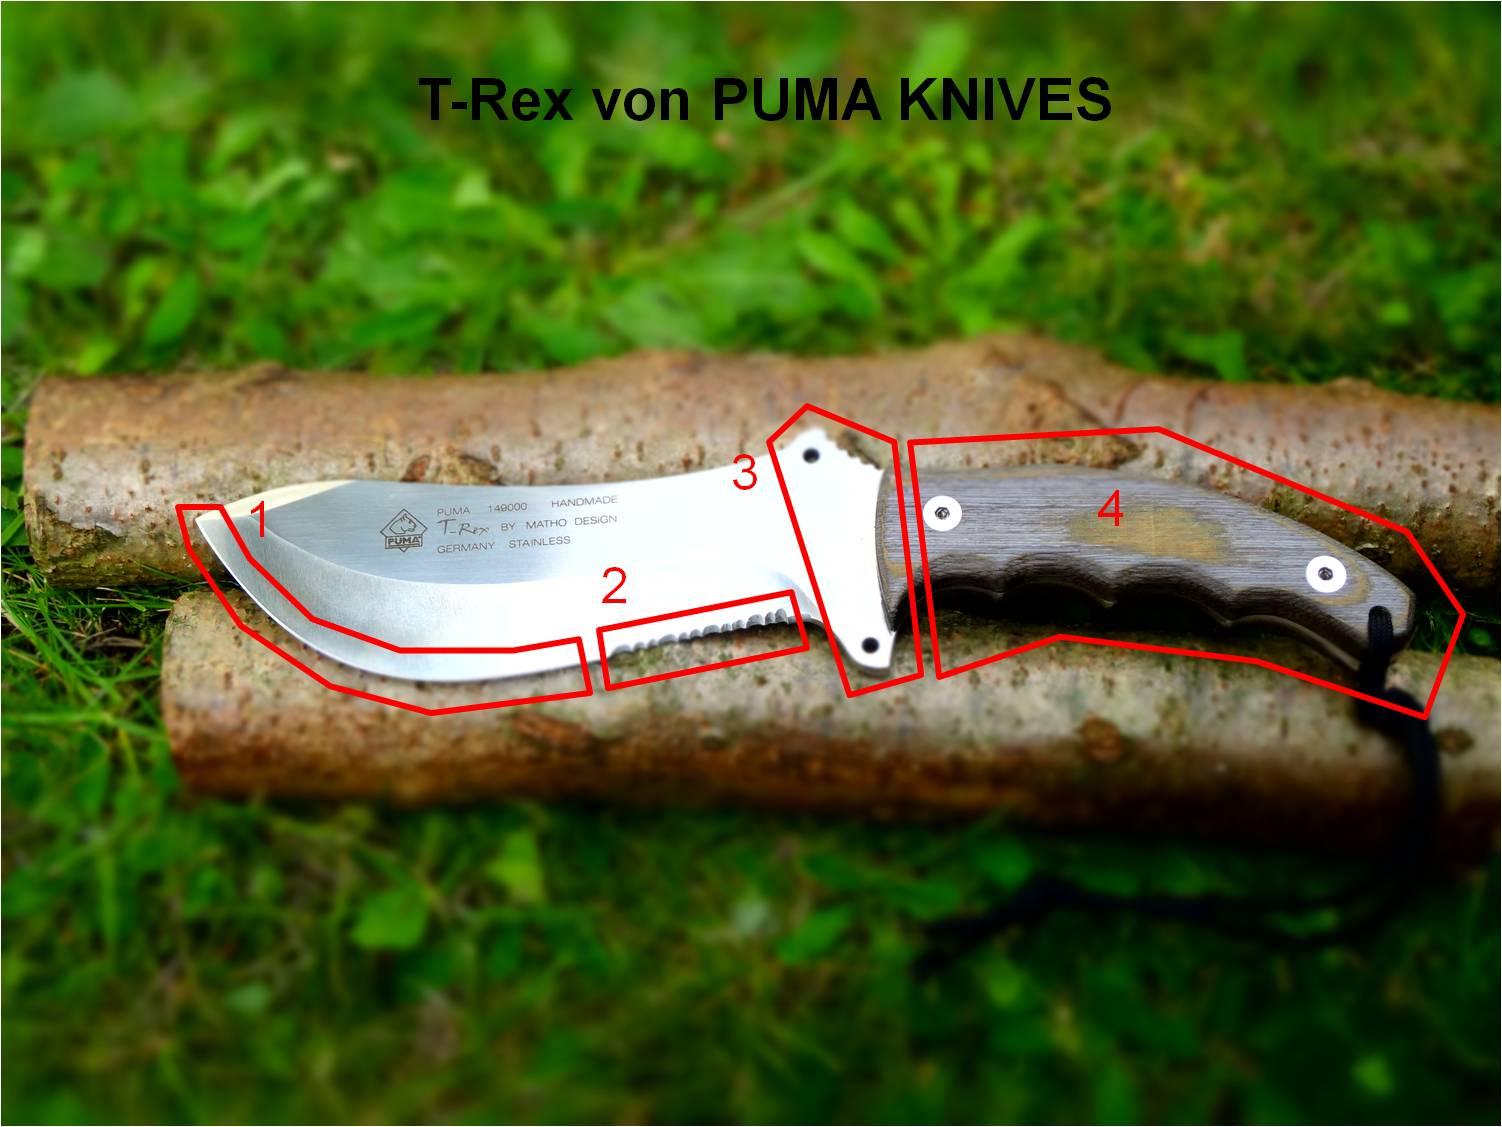 T-Rex PUMA KNIVES